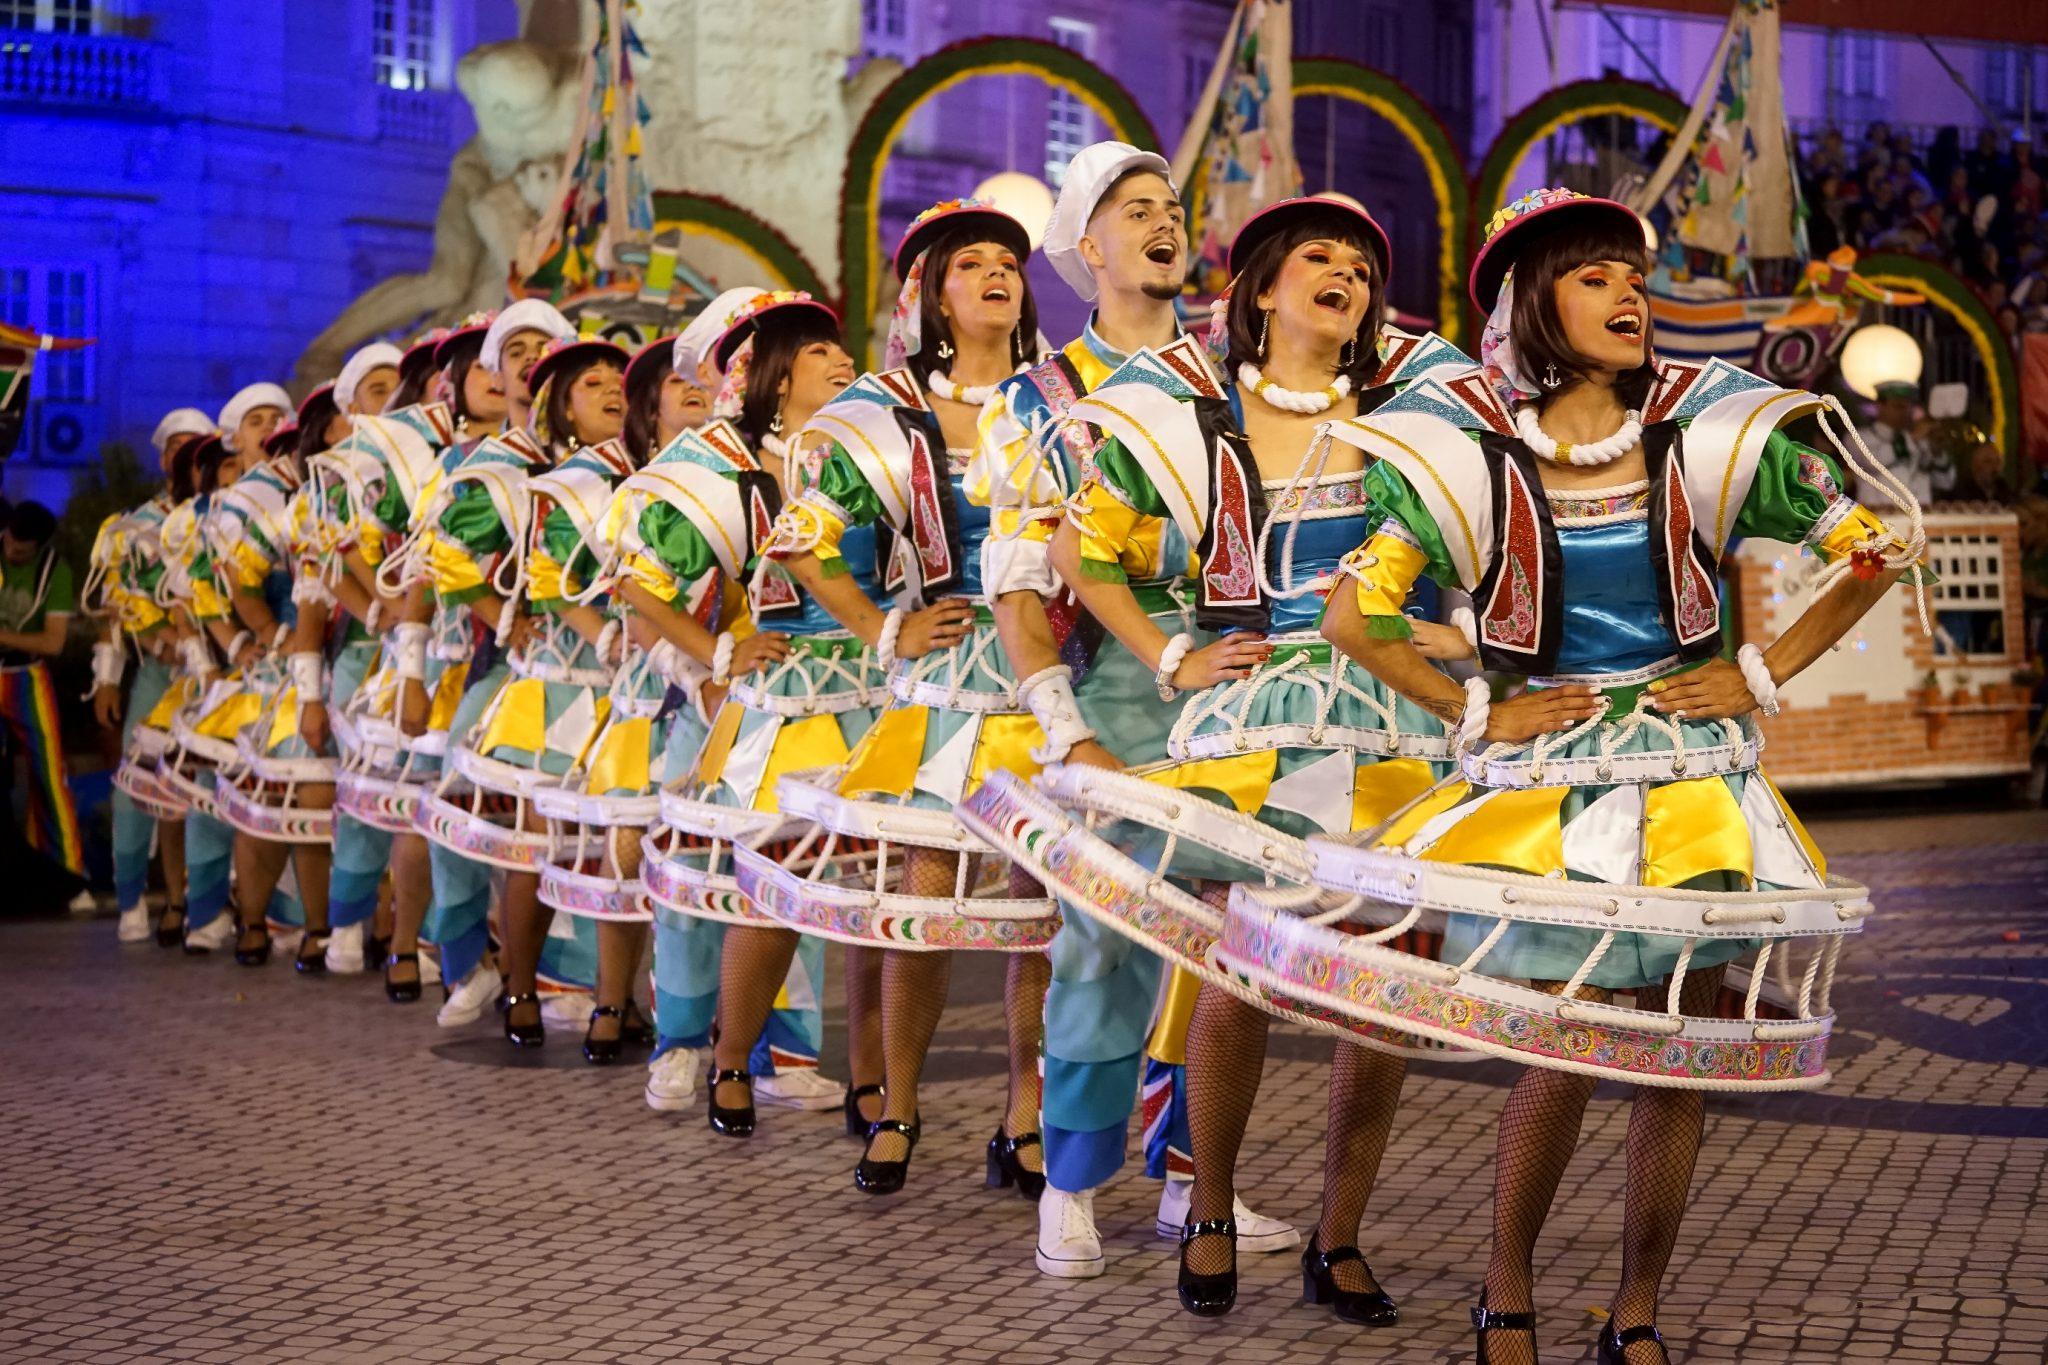 Uma fila composta por homens e mulheres a dançar e a cantar na Avenida da Liberdade. As mulheres têm um colete e uma saia larga feita de cordas torcidas de pesca e triângulos de tecido amarelos e brancos.